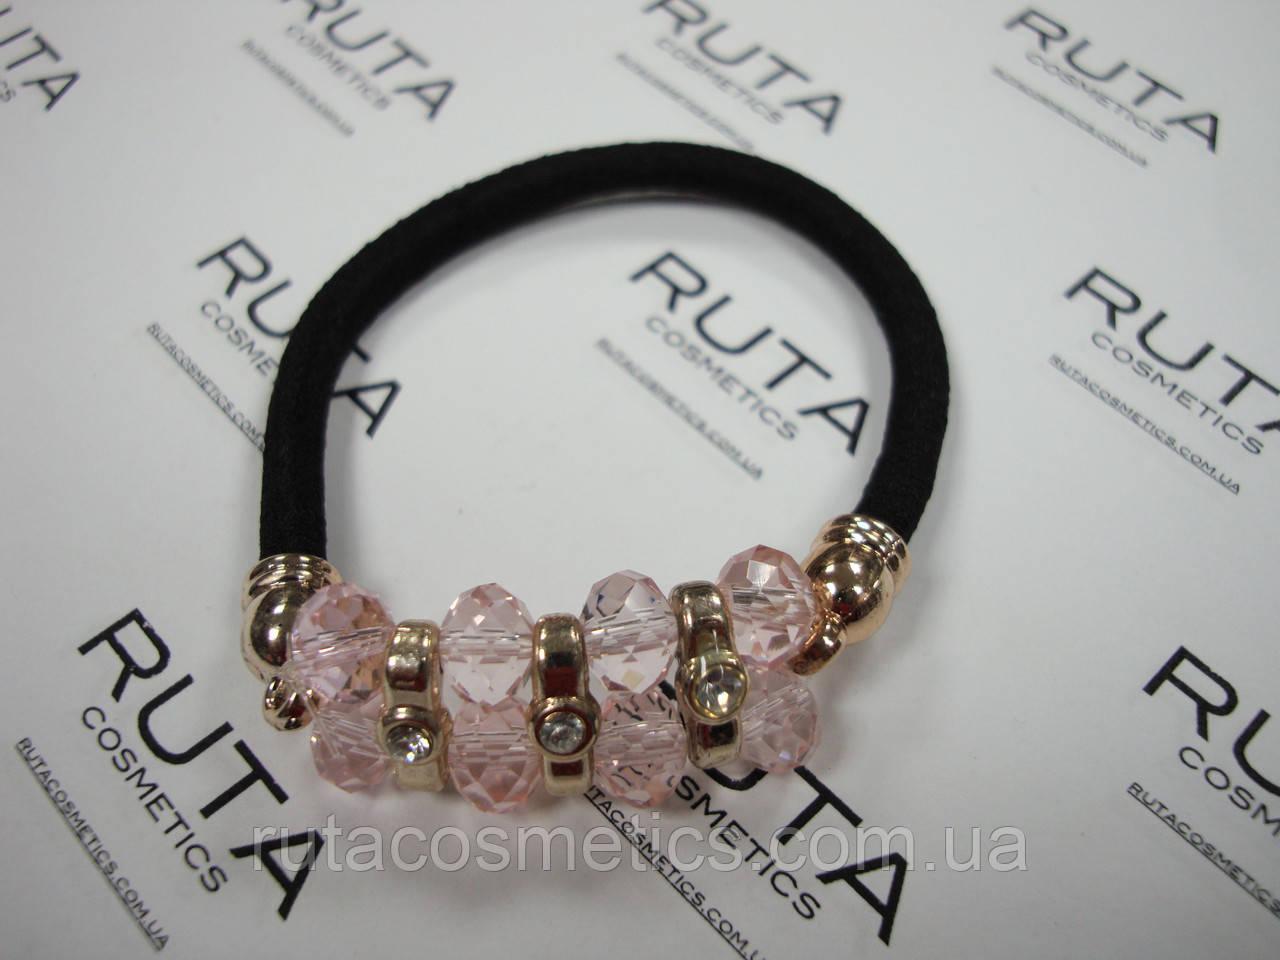 Резинка для волос Алмазная россыпь нежно-розовая